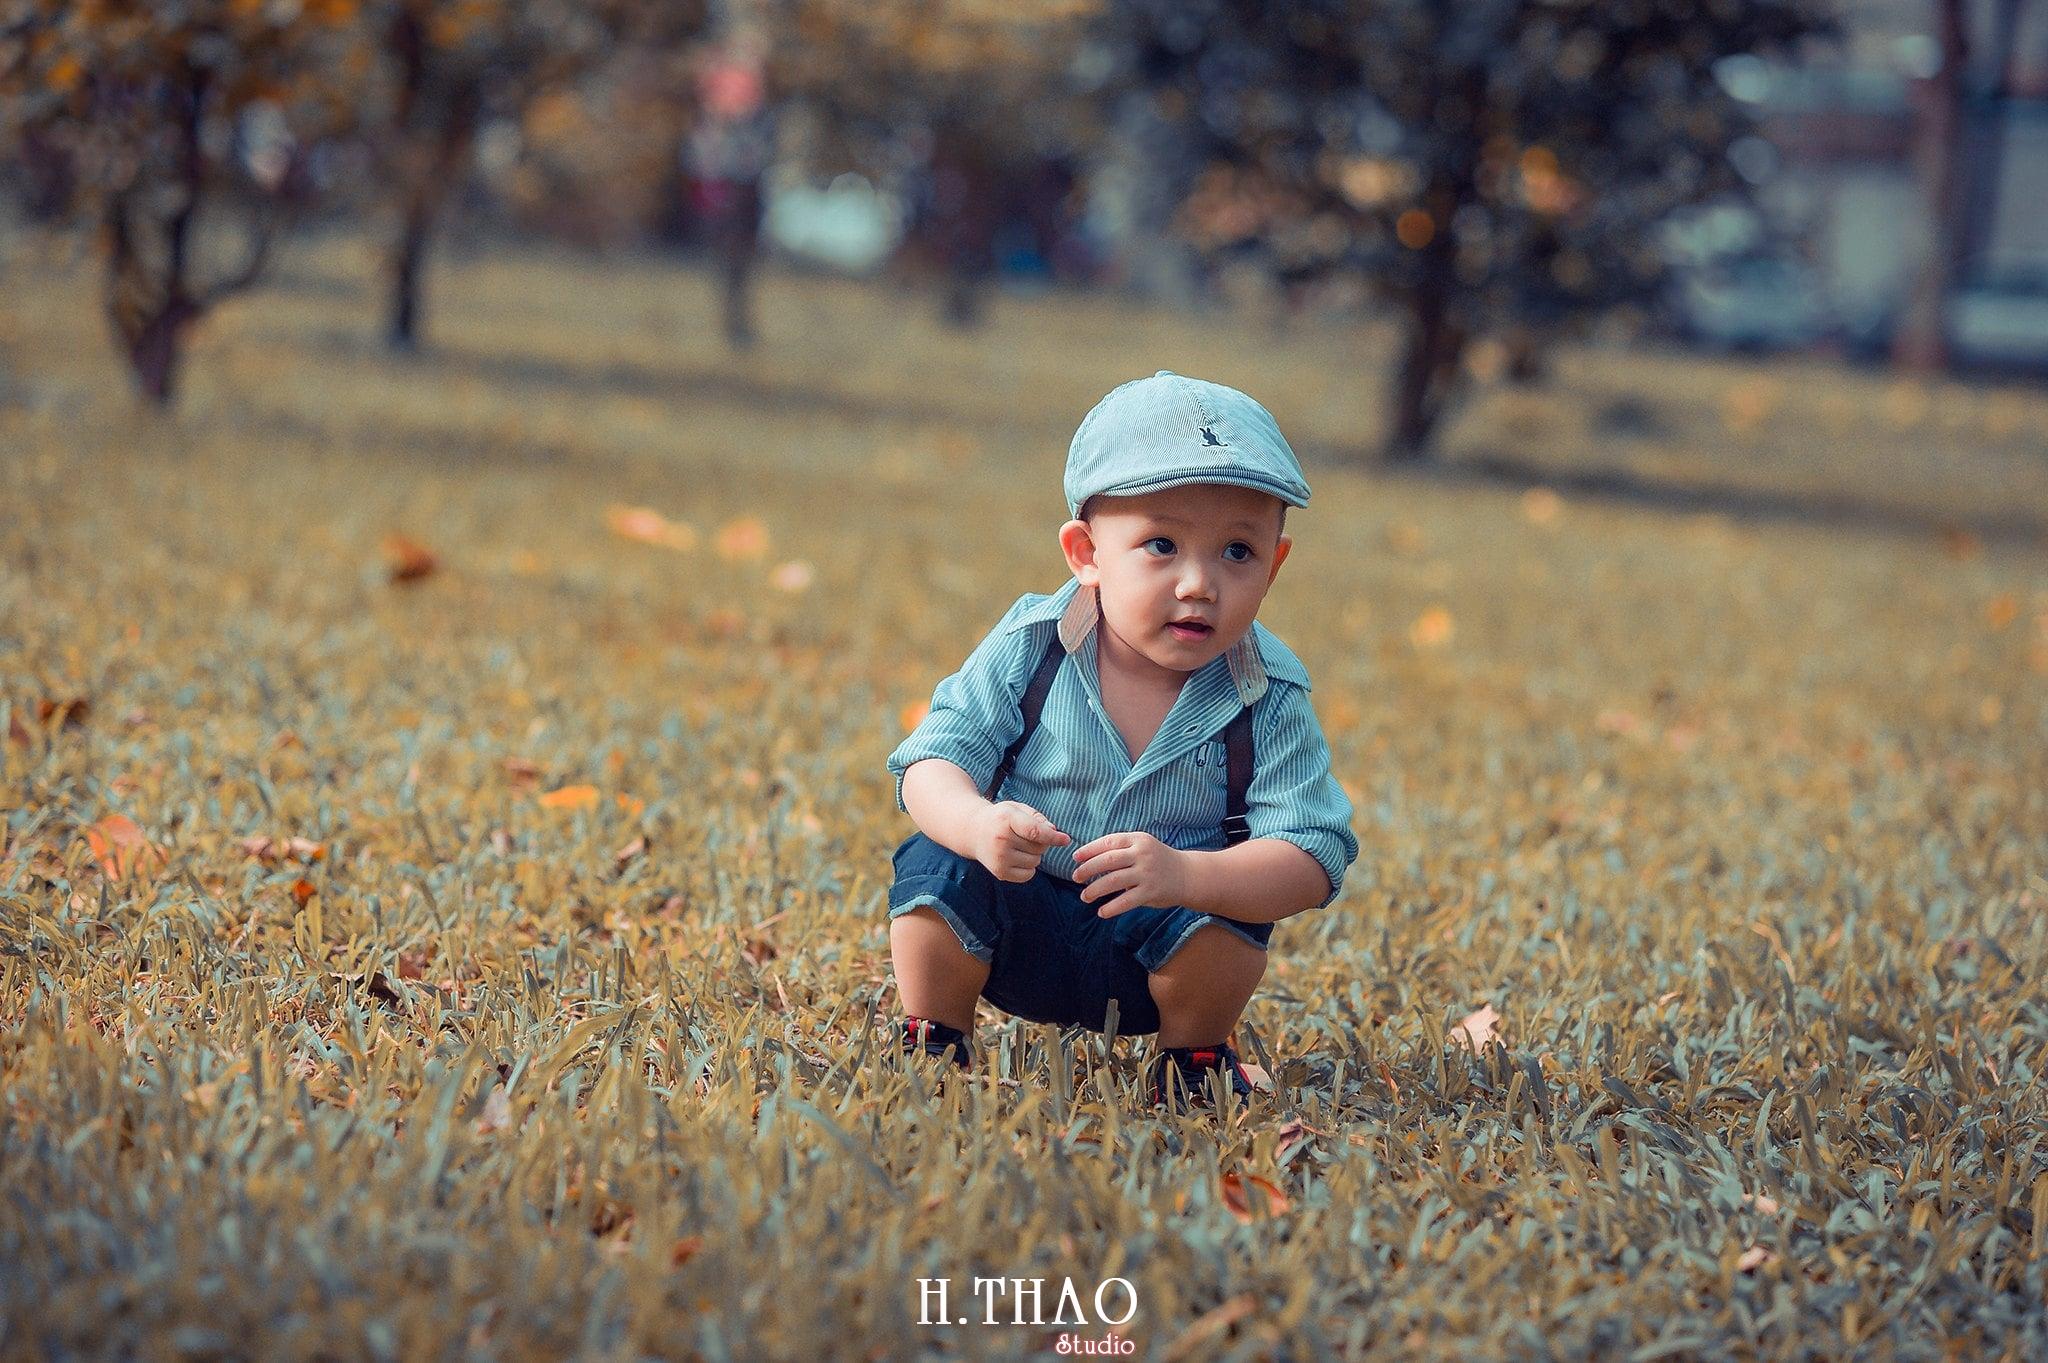 Judo 13 2 - Album ảnh bé chụp tại công viên Tao Đàn tuyệt đẹp - HThao Studio